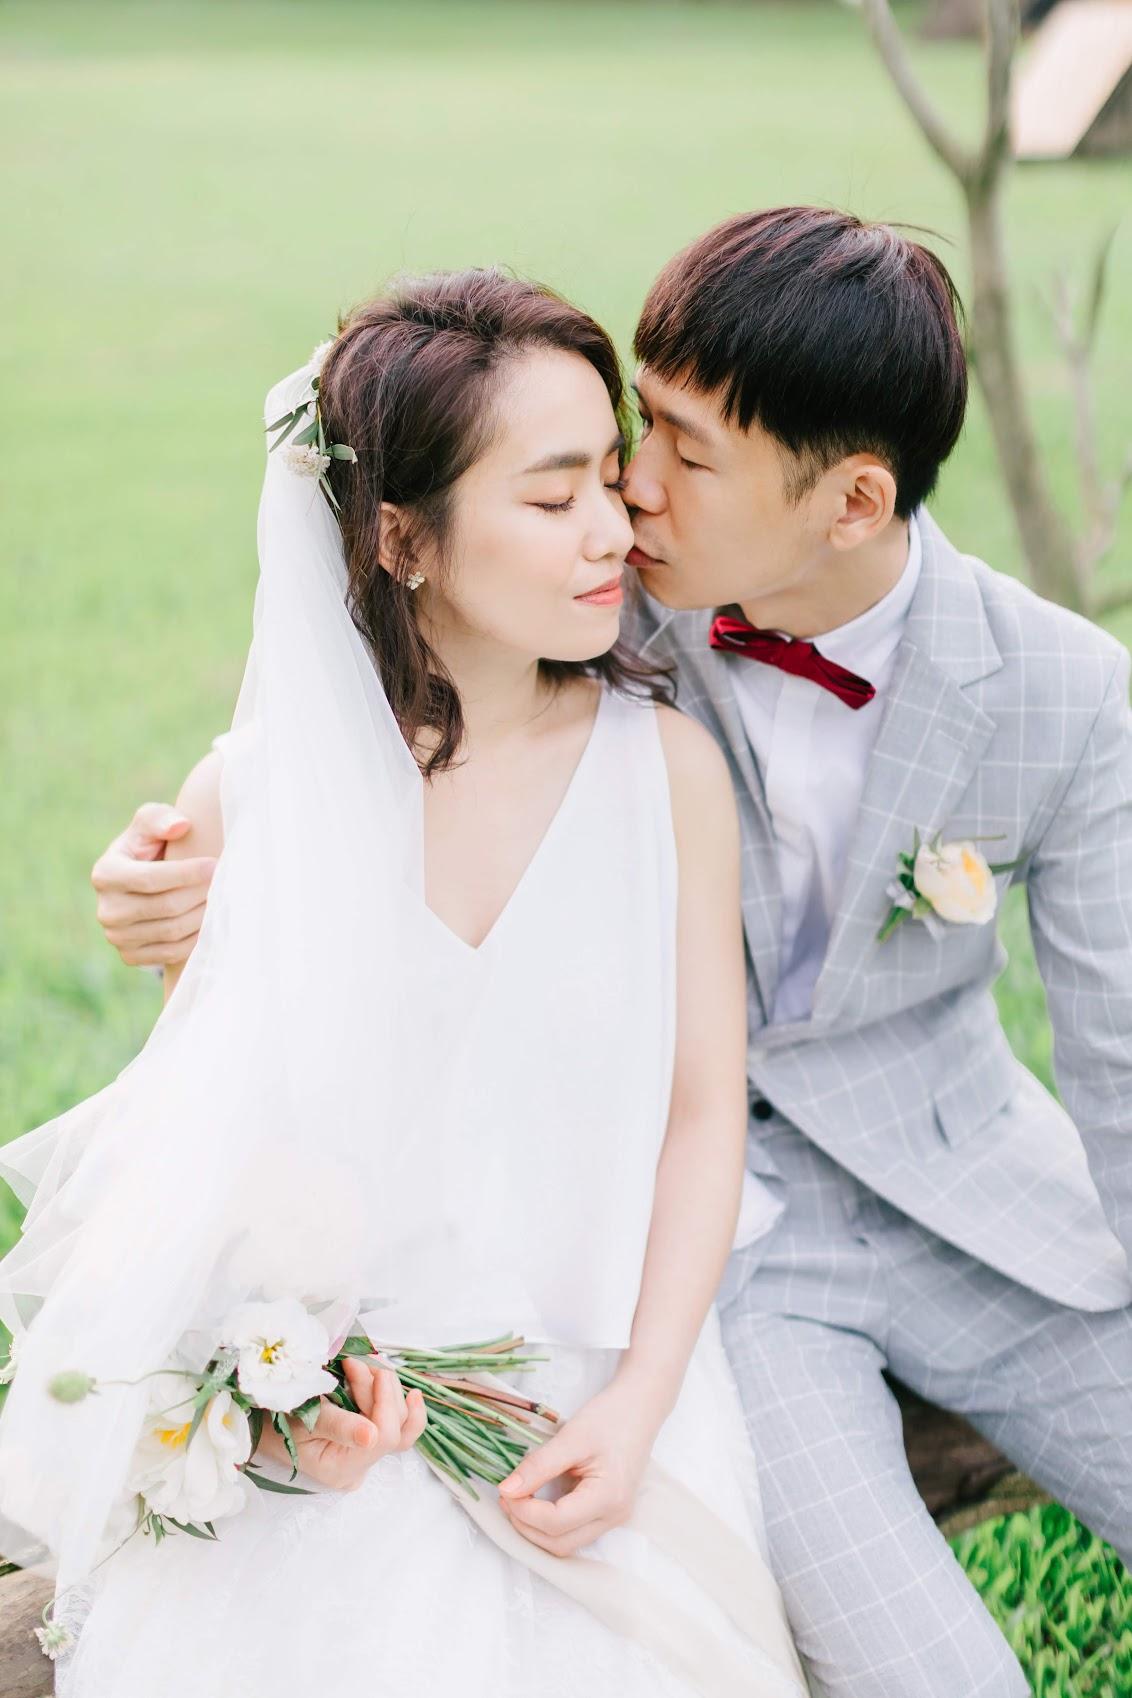 映目婚紗, Amazing Grace攝影美學 | Engagement |美式婚紗-自助婚紗品牌